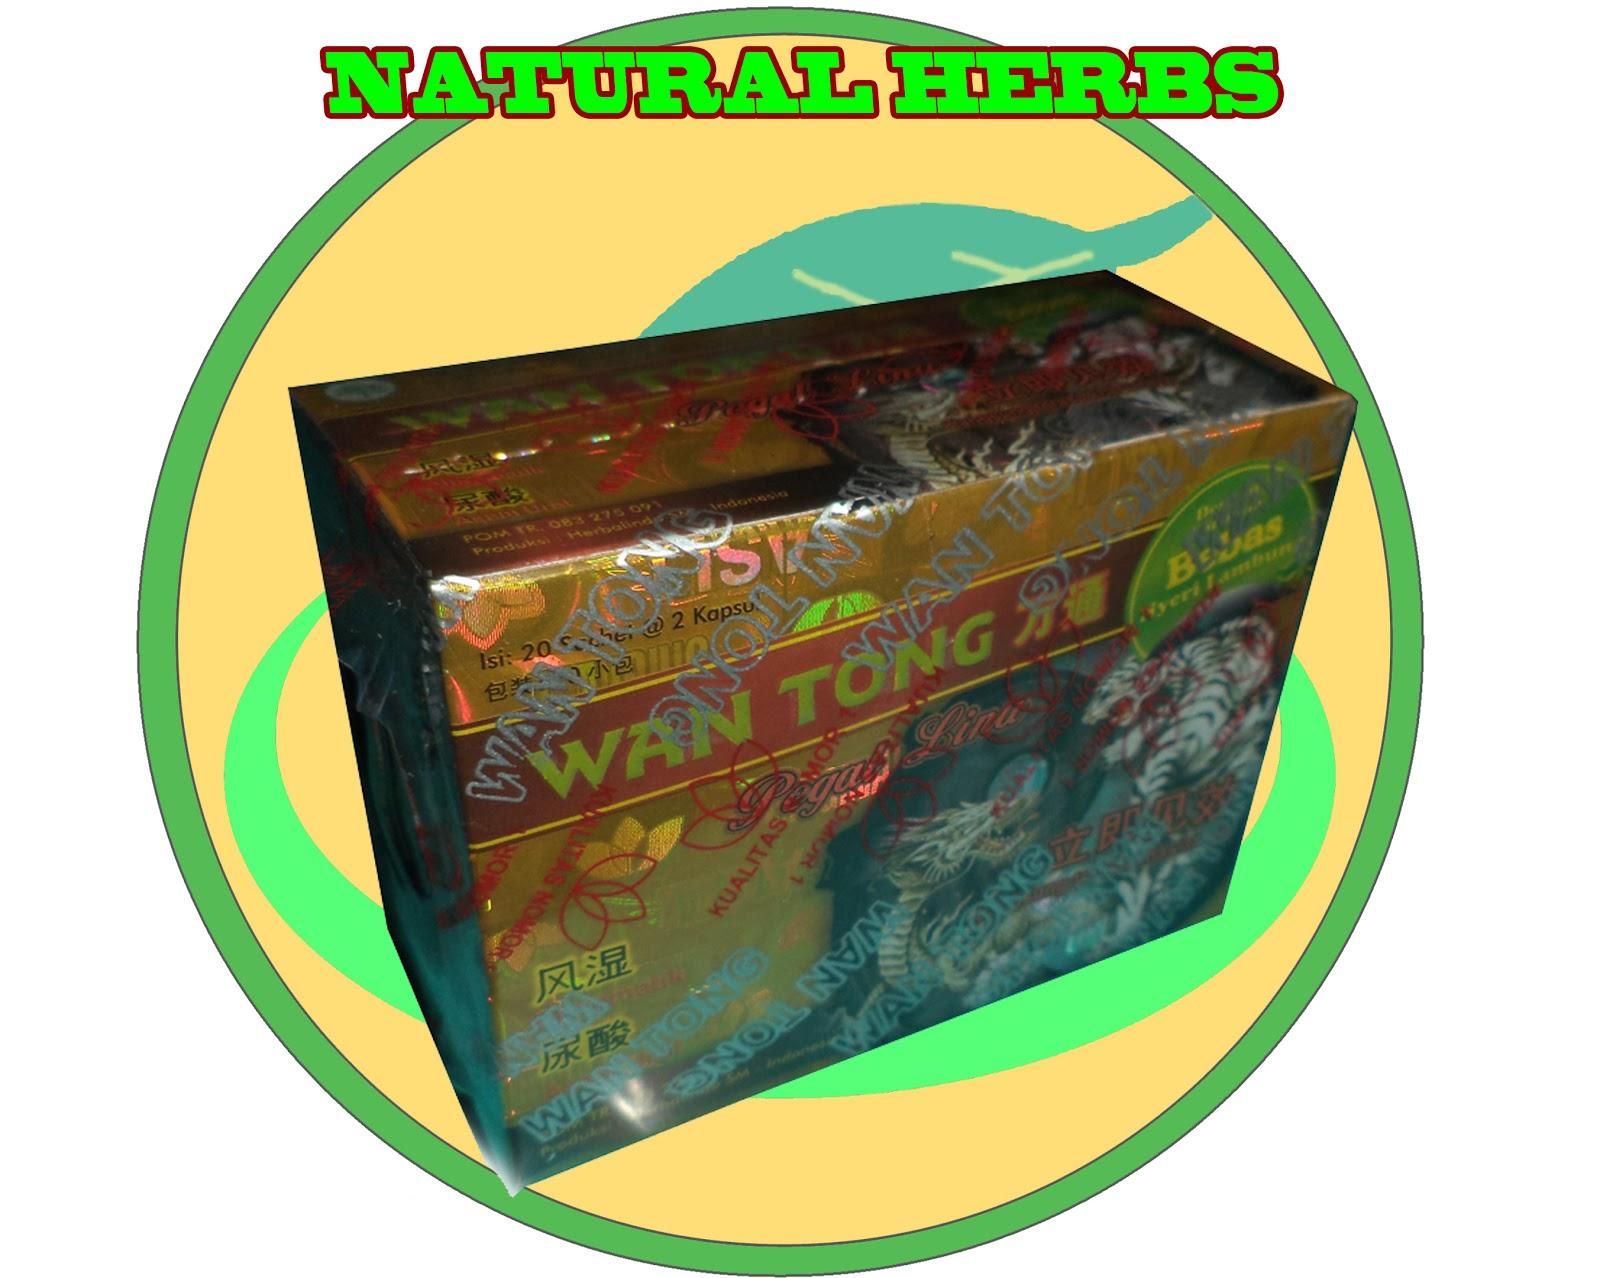 wan tong kapsul toko herbal 07